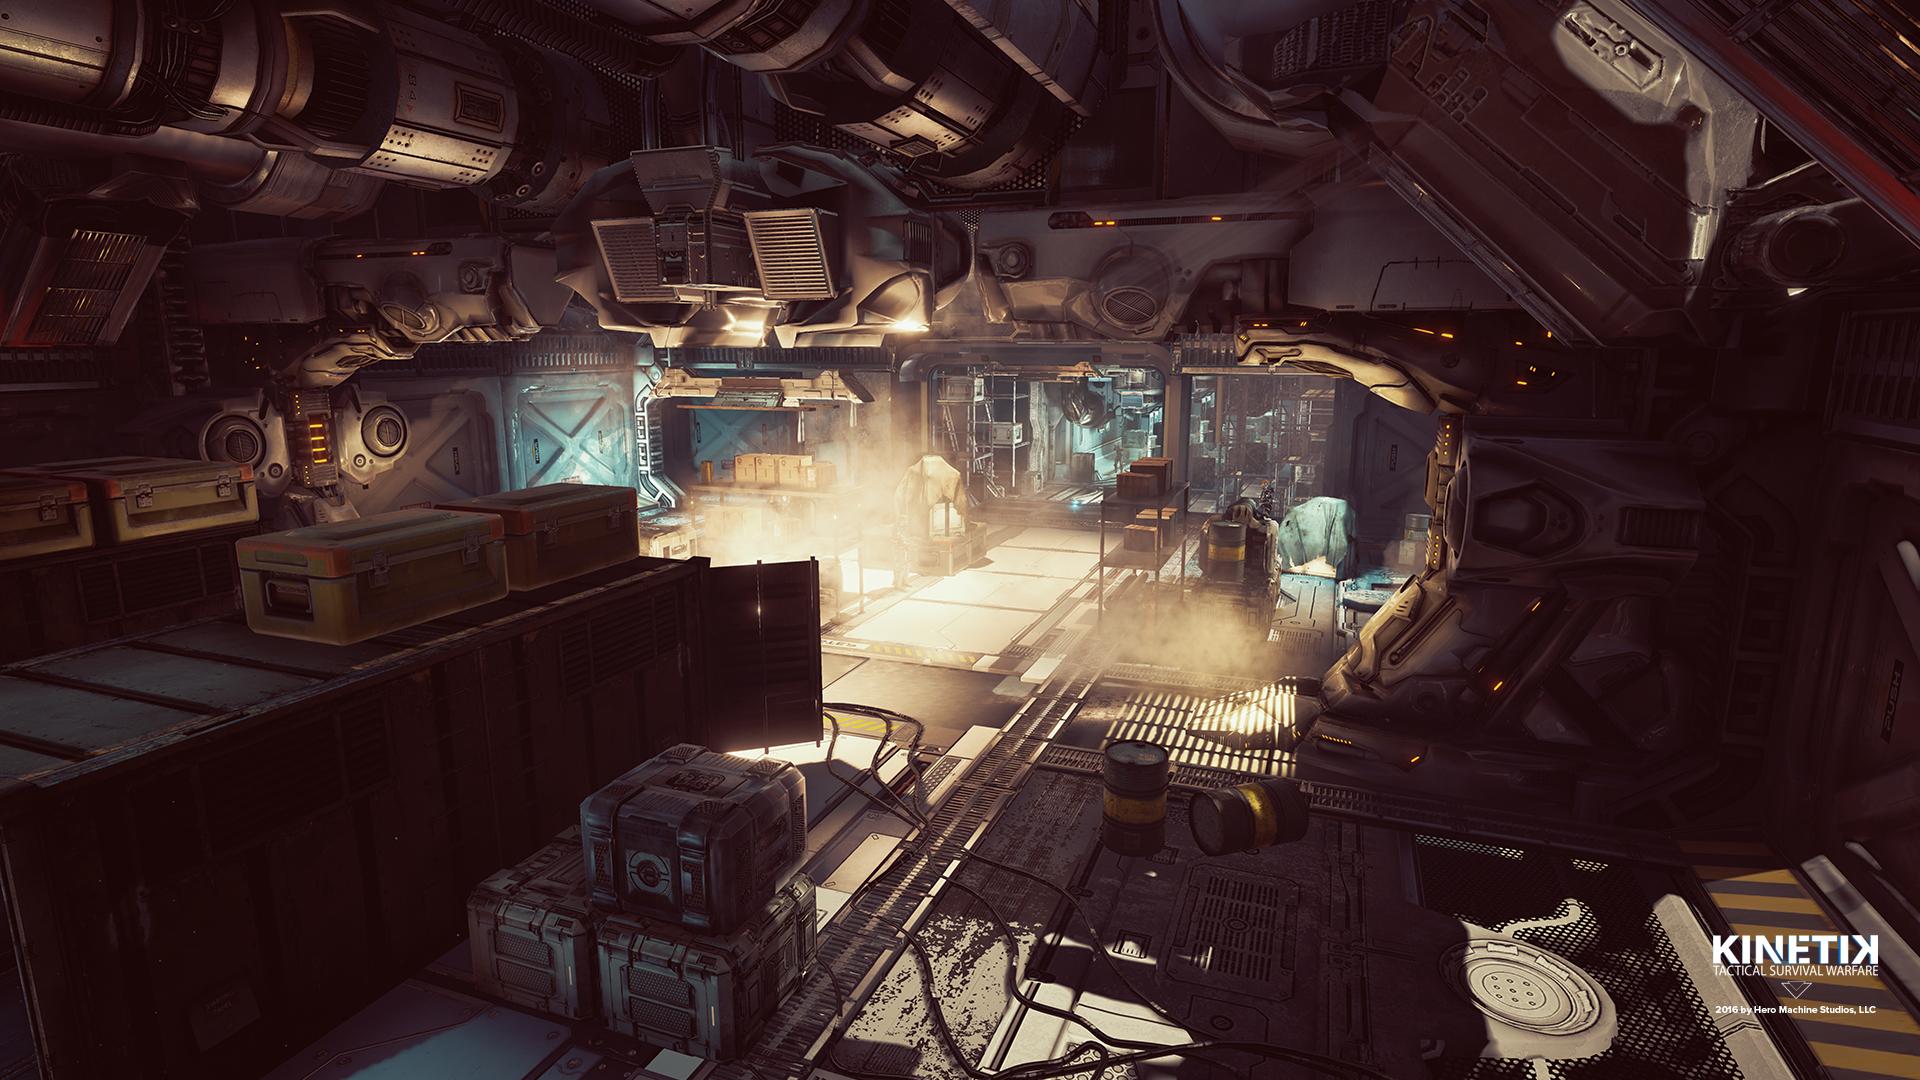 Underground lunar base